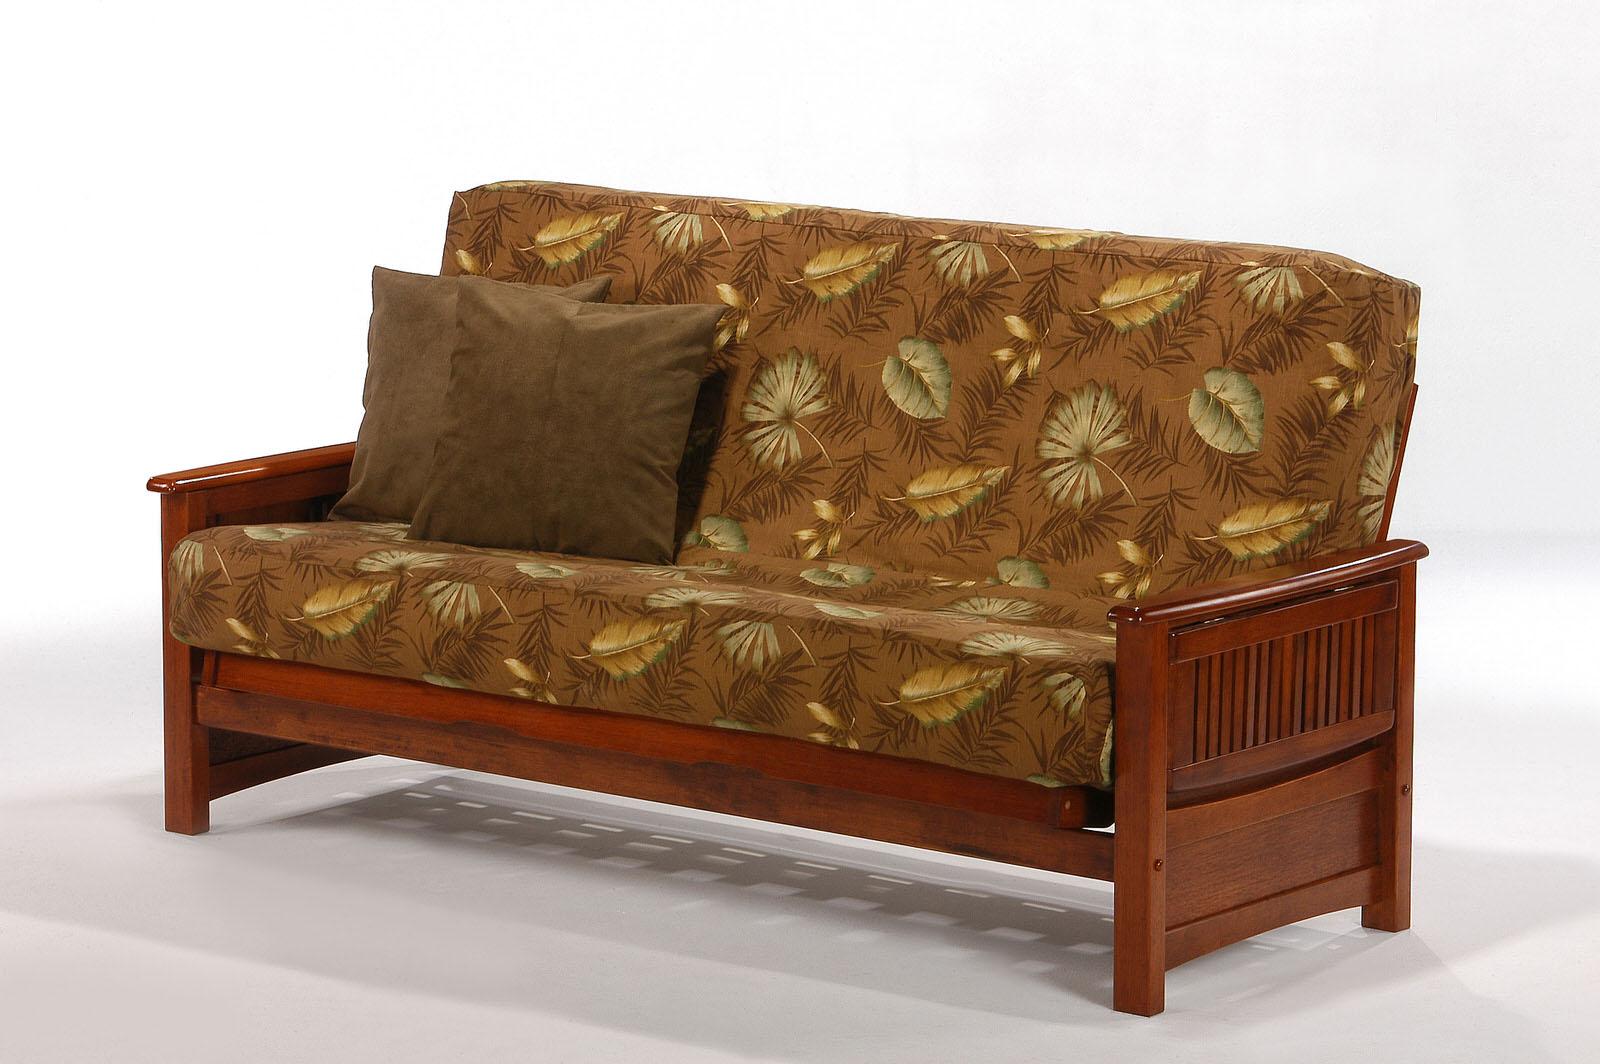 Sunrise Premium Futon Frame By Nightu0026day Furniture